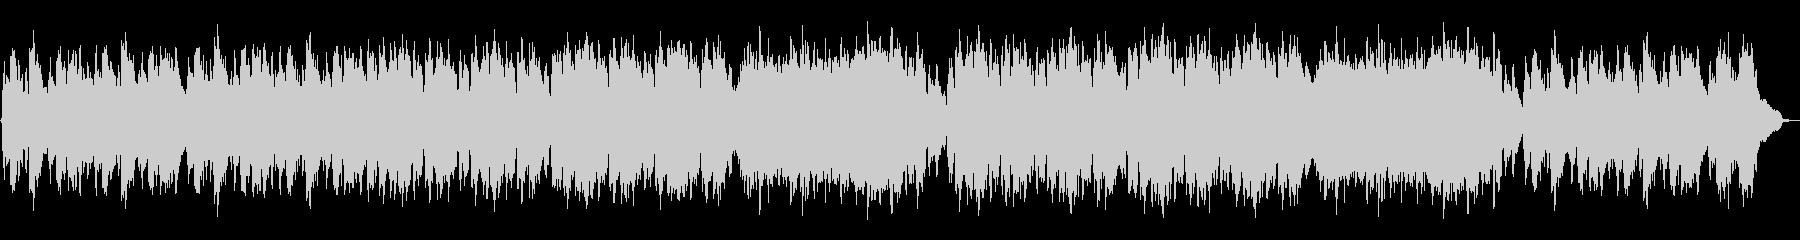 静けさ・優しい・切ない・ケルト風BGMの未再生の波形